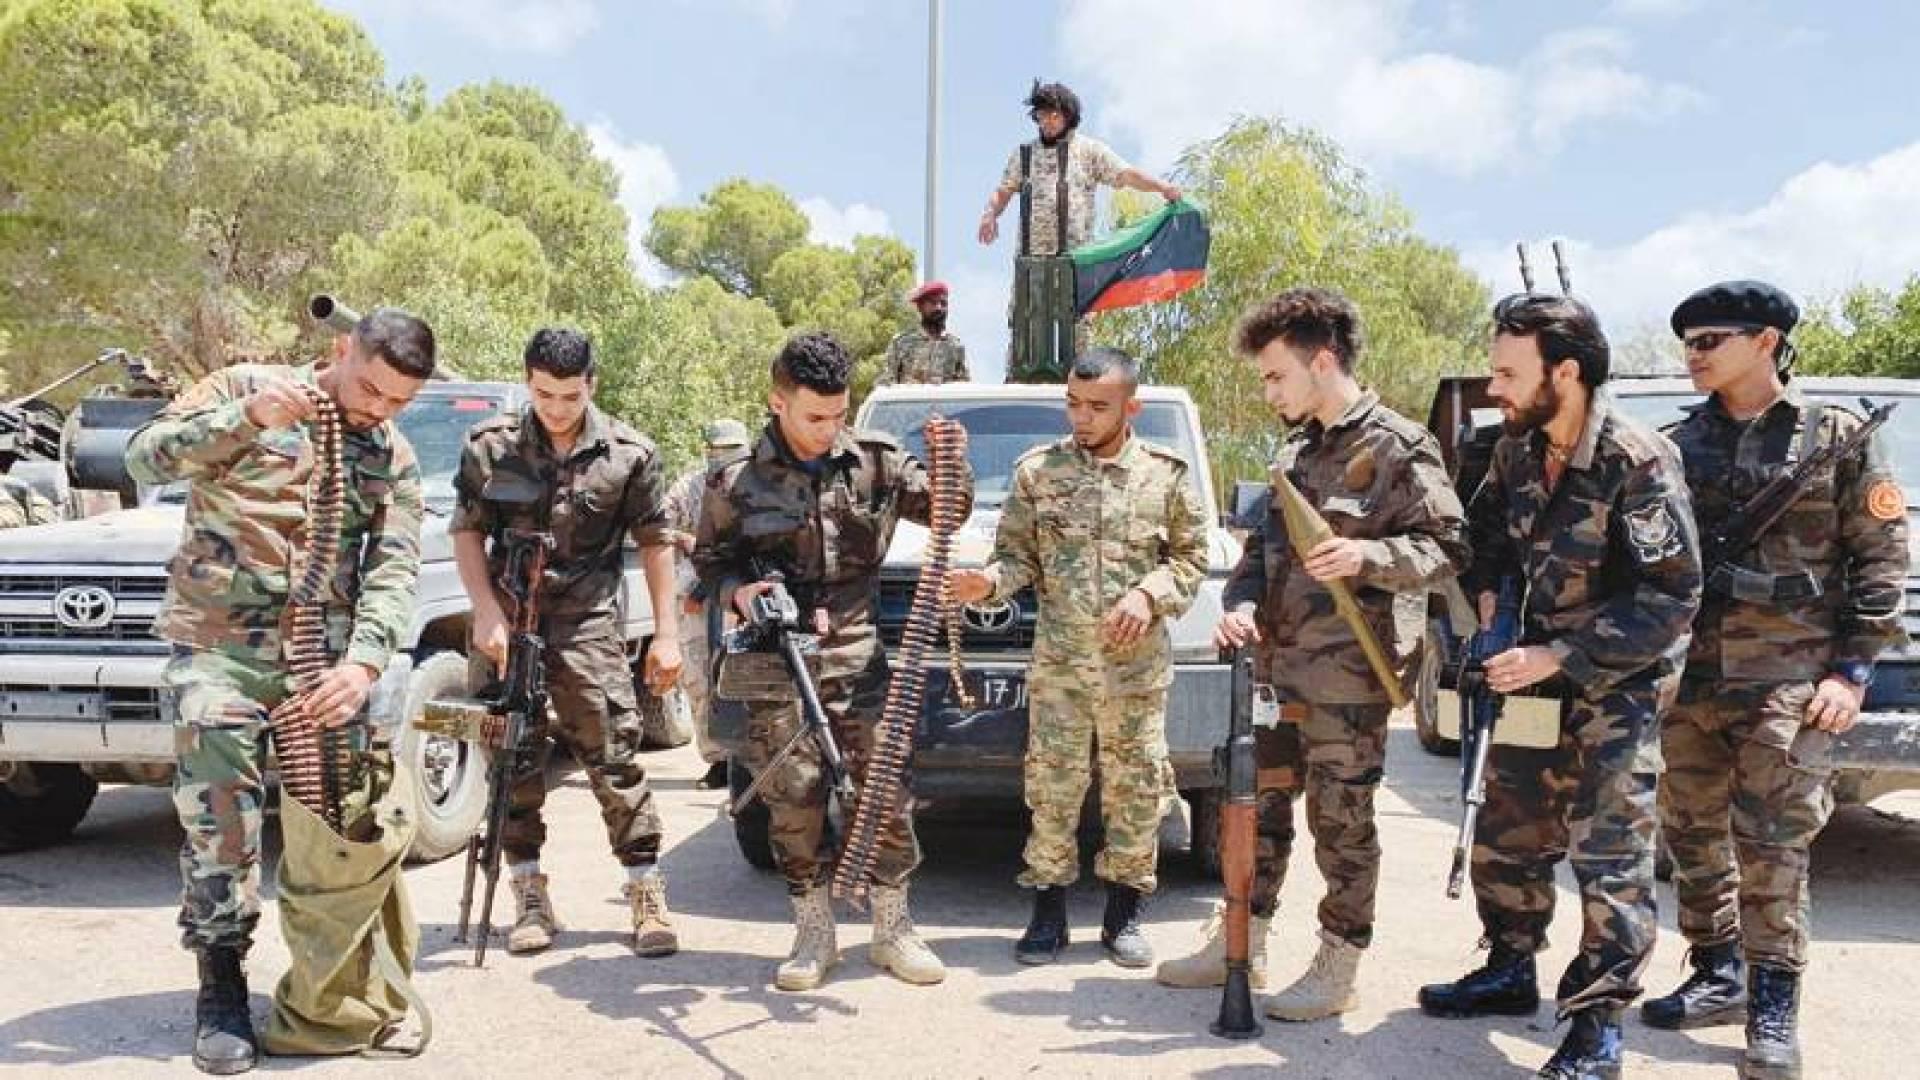 مقاتلون تابعون لحكومة «الوفاق» يستعدون في طرابلس قبل التوجه نحو جبهة سرت (رويترز)